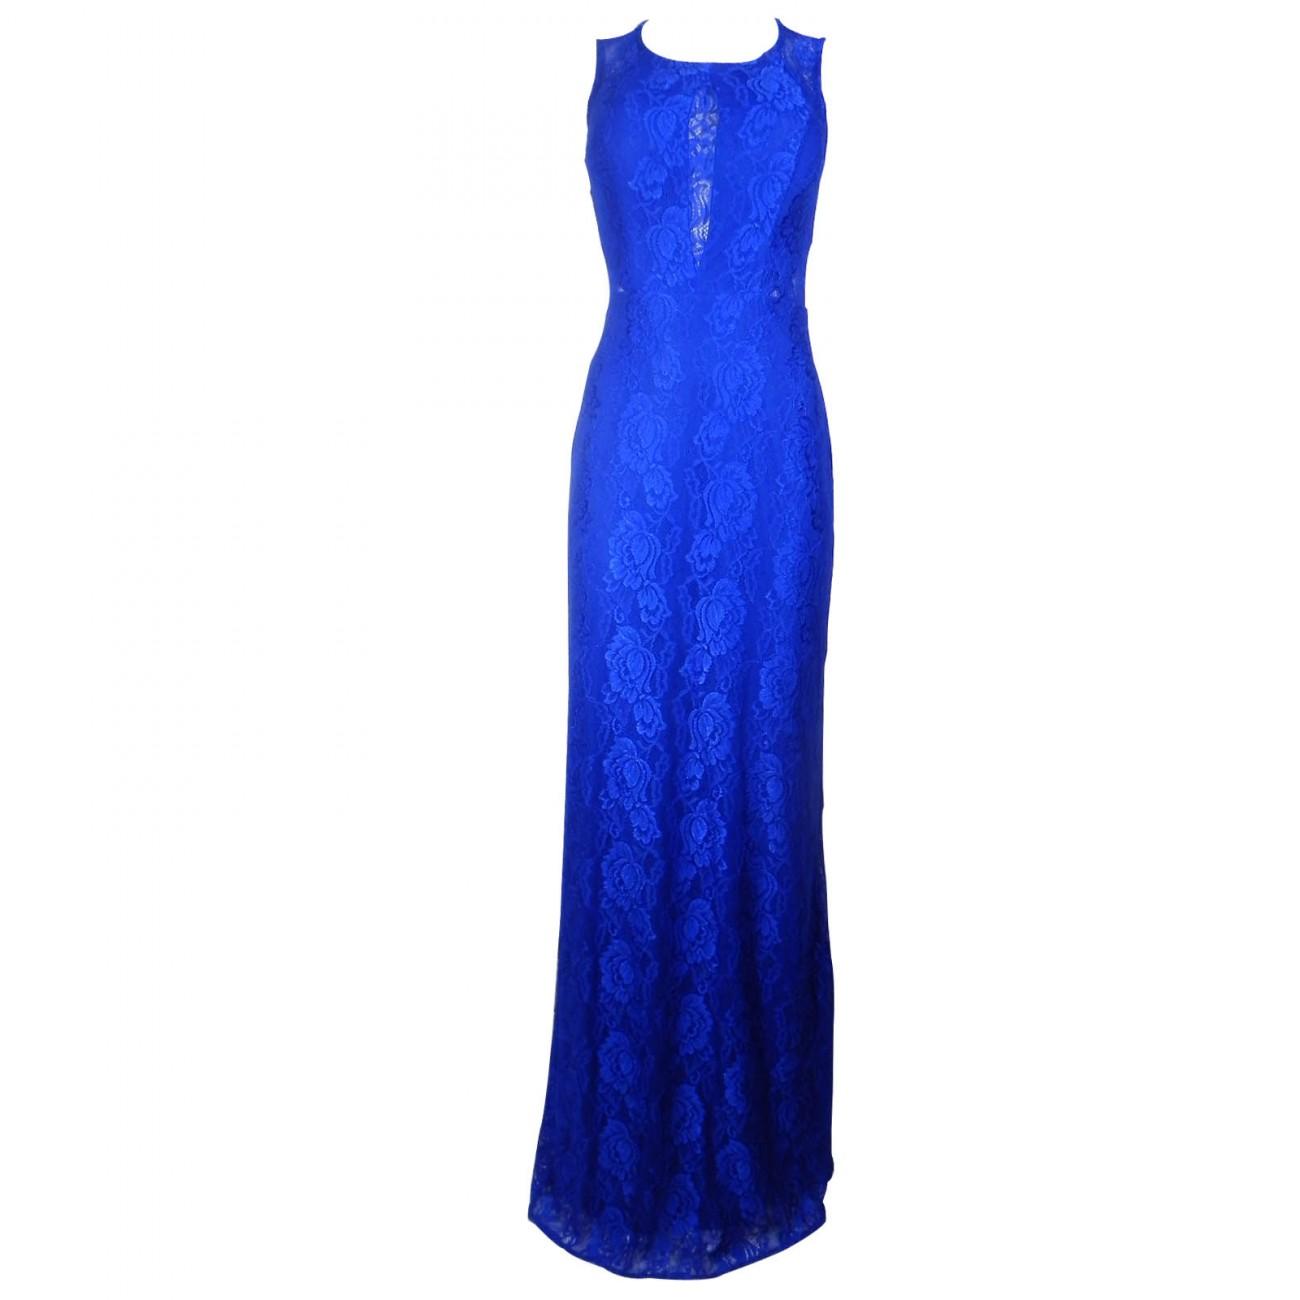 Vestido de festa cor azul bic